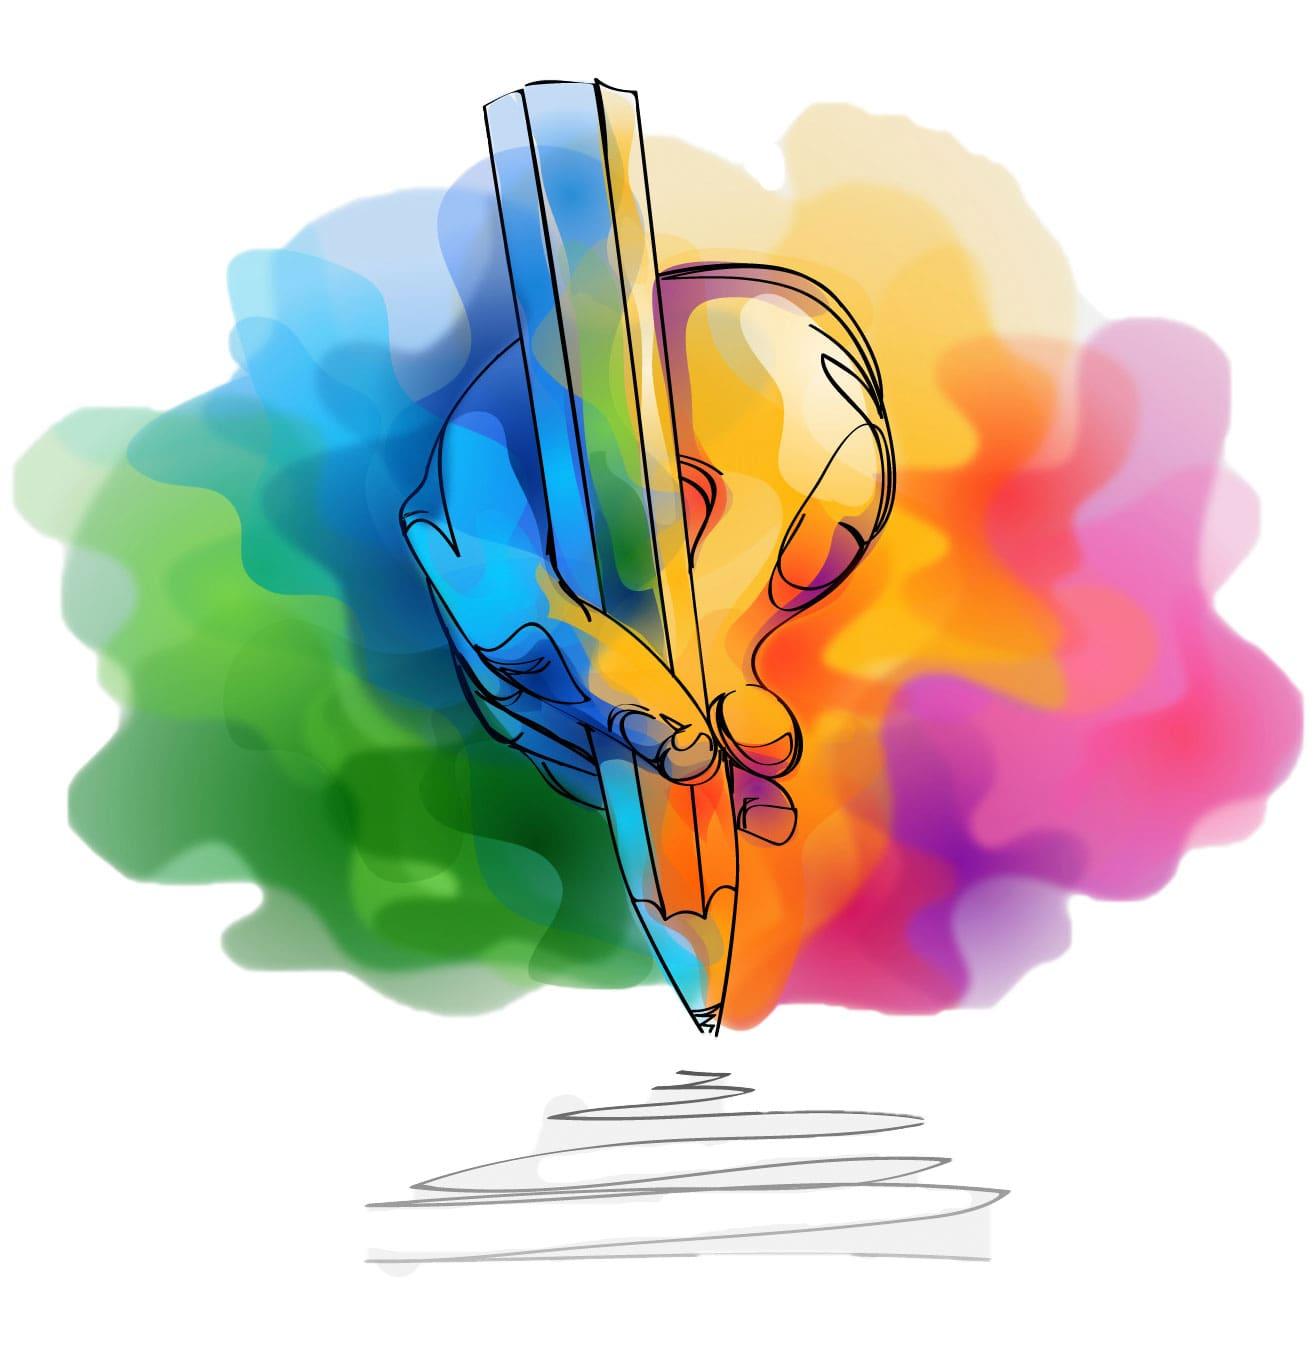 سفارش طراحی کاور اهنگ و لوگو در کتابخانه فناوری اطلاعات itlibrary